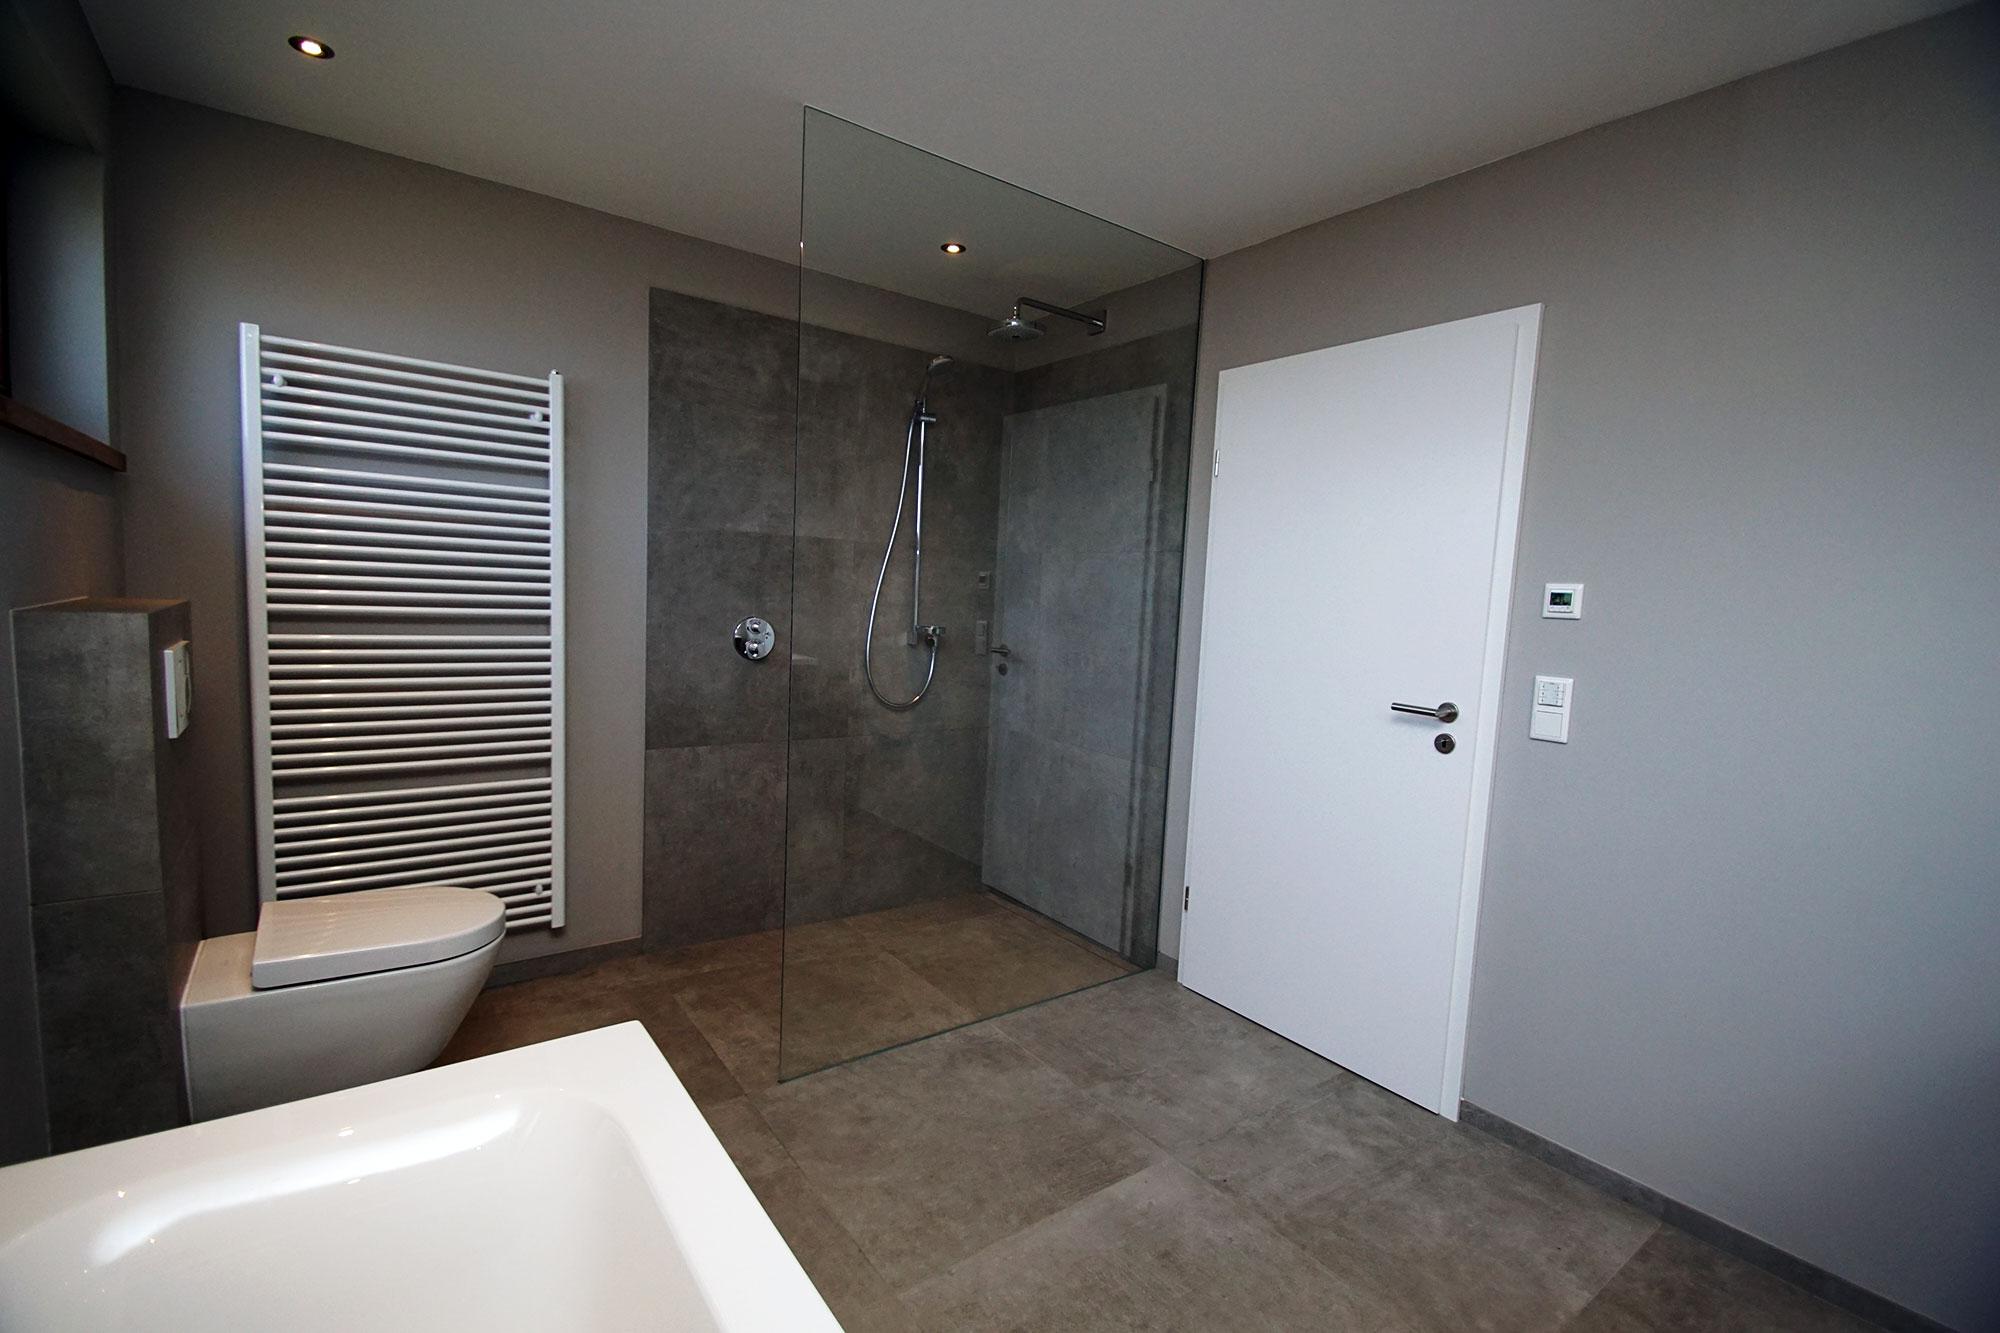 badezimmer t nisvorst roland kemp. Black Bedroom Furniture Sets. Home Design Ideas